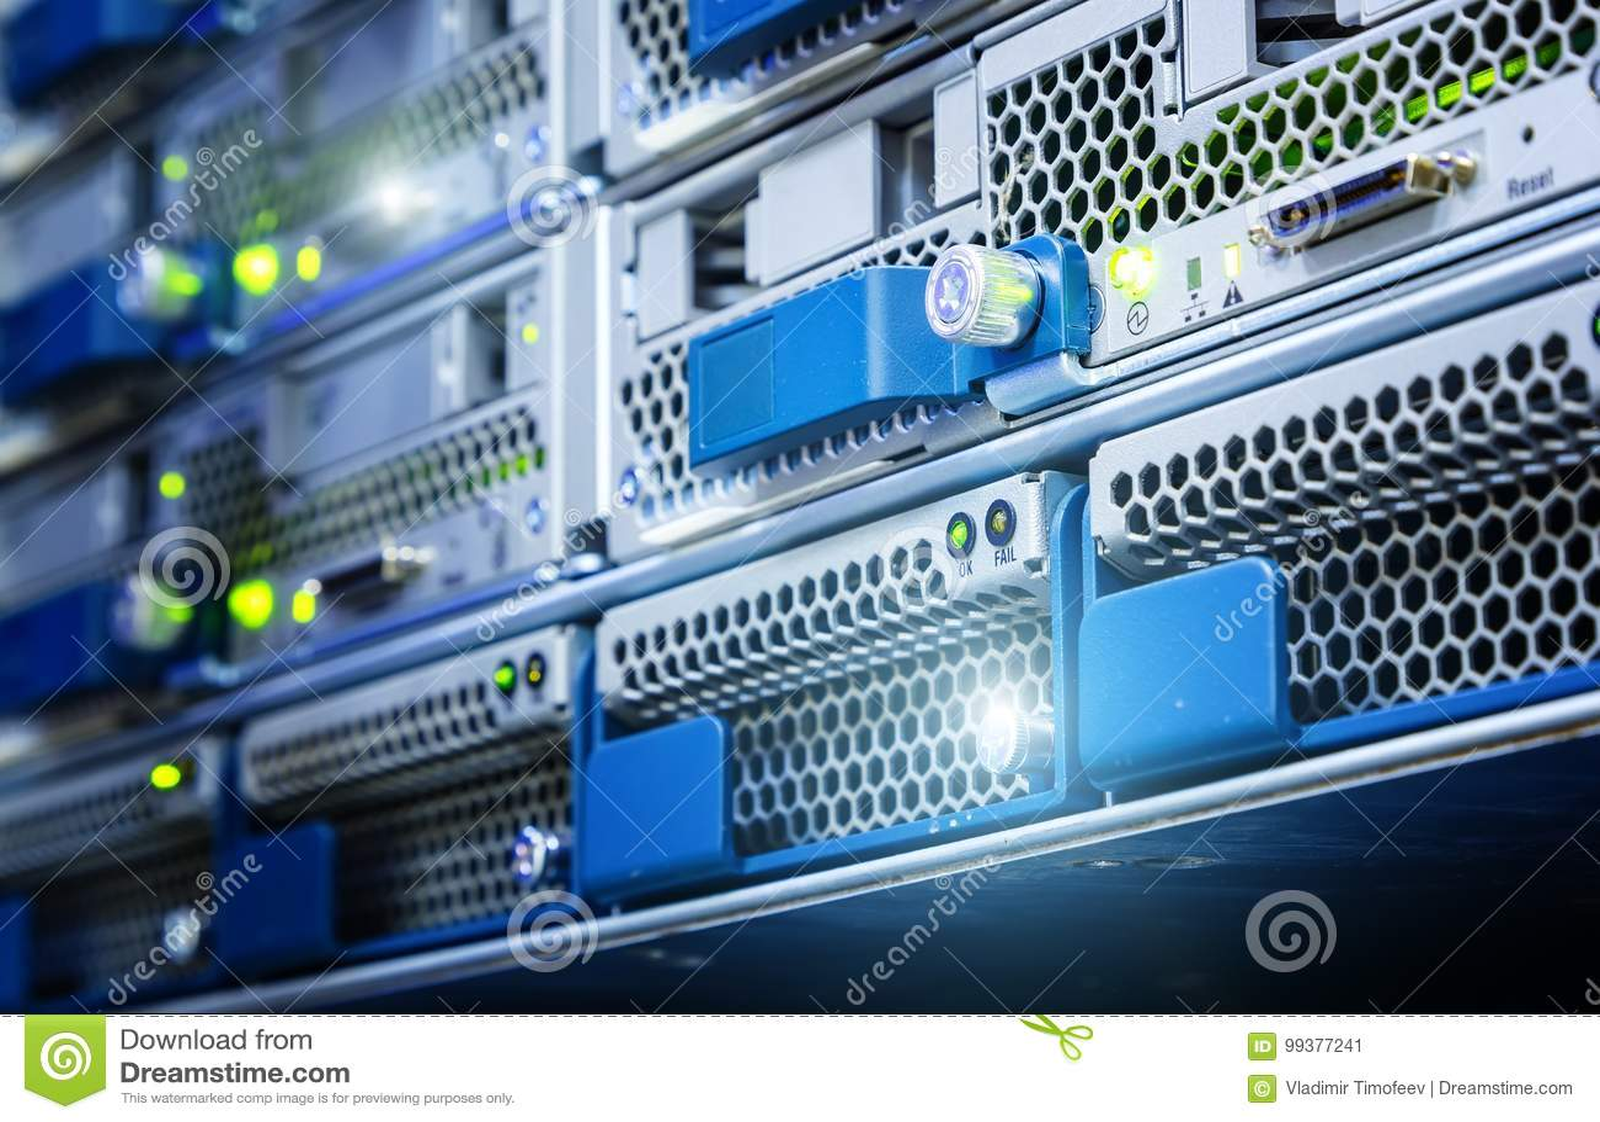 Ο σκληρός δίσκος στον κεντρικό υπολογιστή υπολογιστών είναι κινηματογράφηση σε πρώτο πλάνο Η αποθήκευση στοιχείων εκτελείται στα